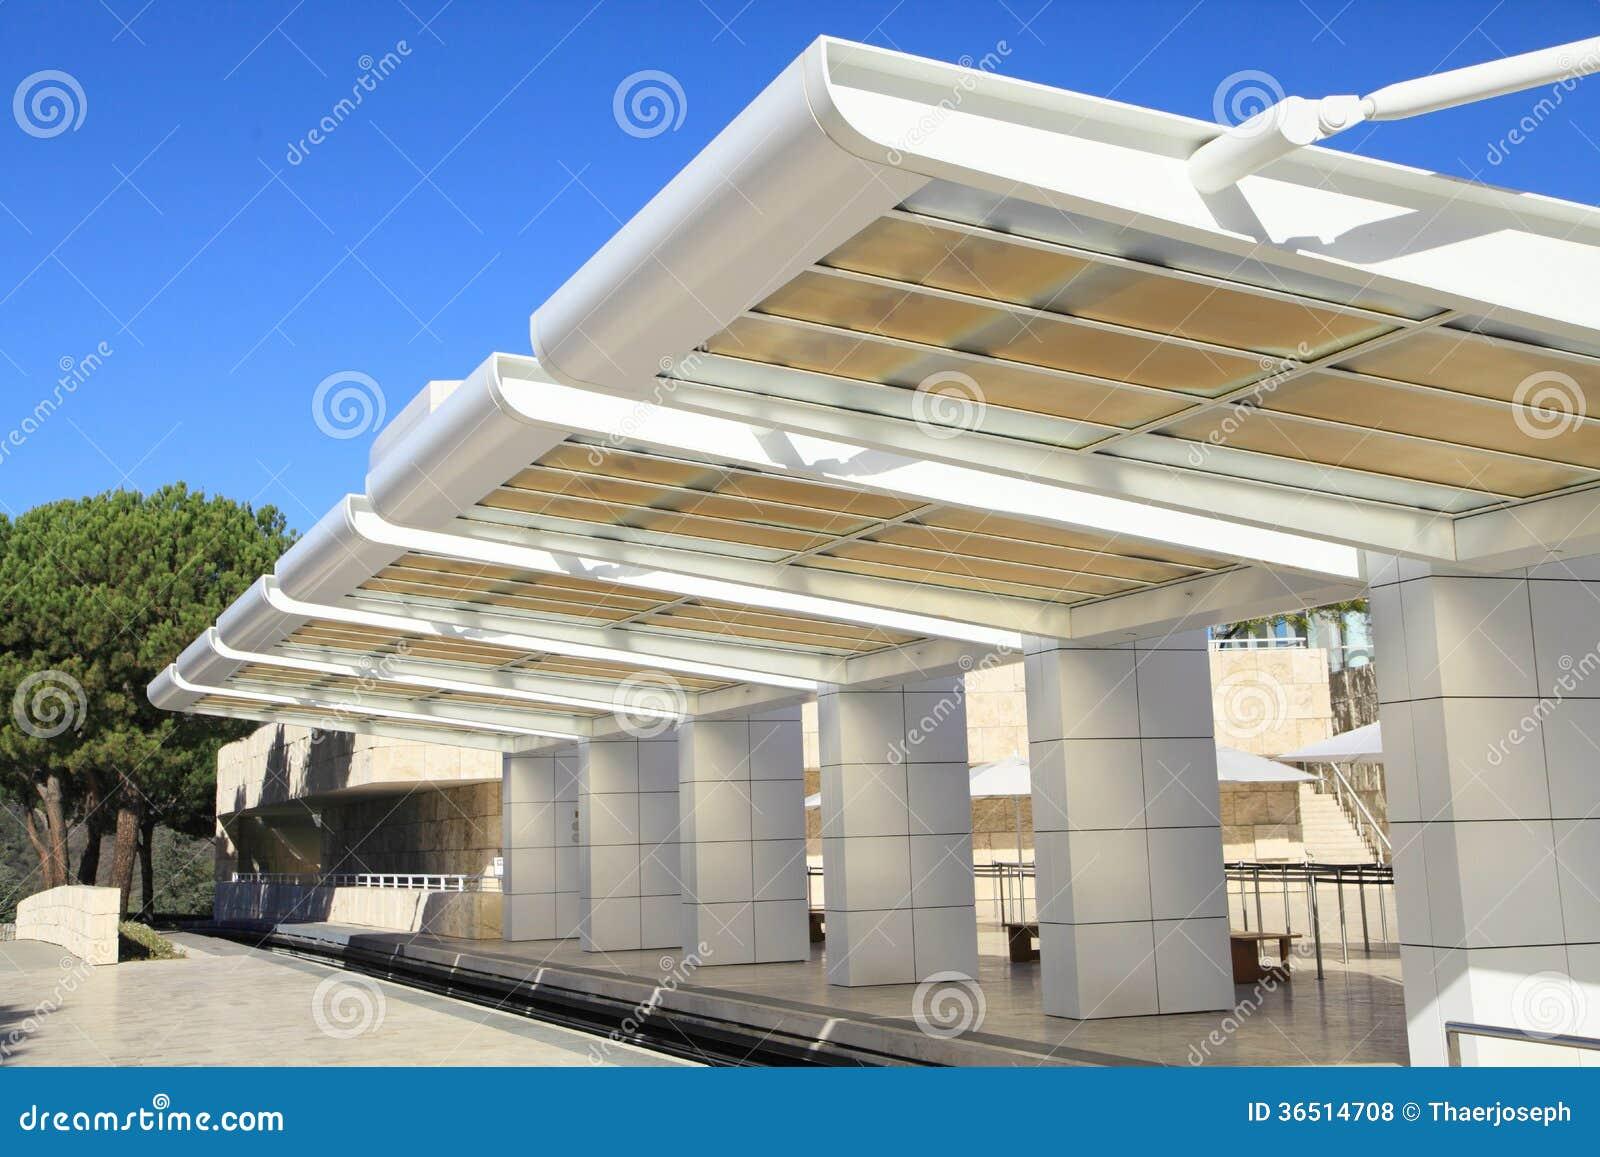 Station de attente de monorail